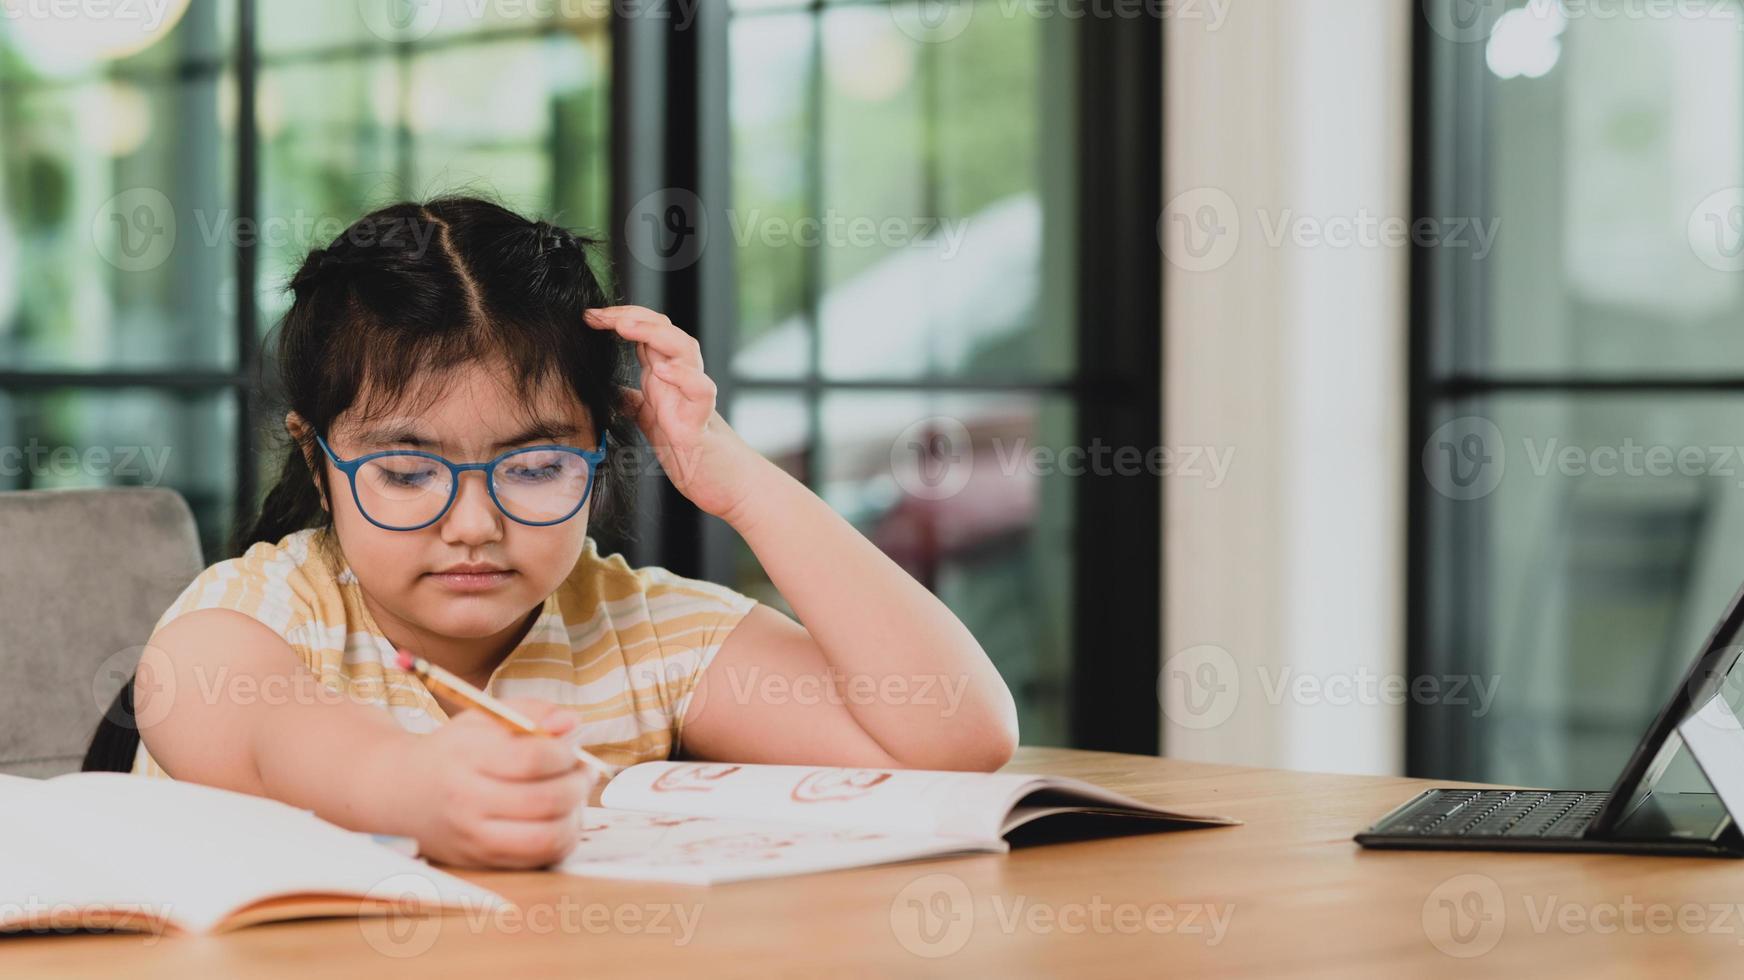 una bambina con gli occhiali sta disegnando su un quaderno con un tablet. foto